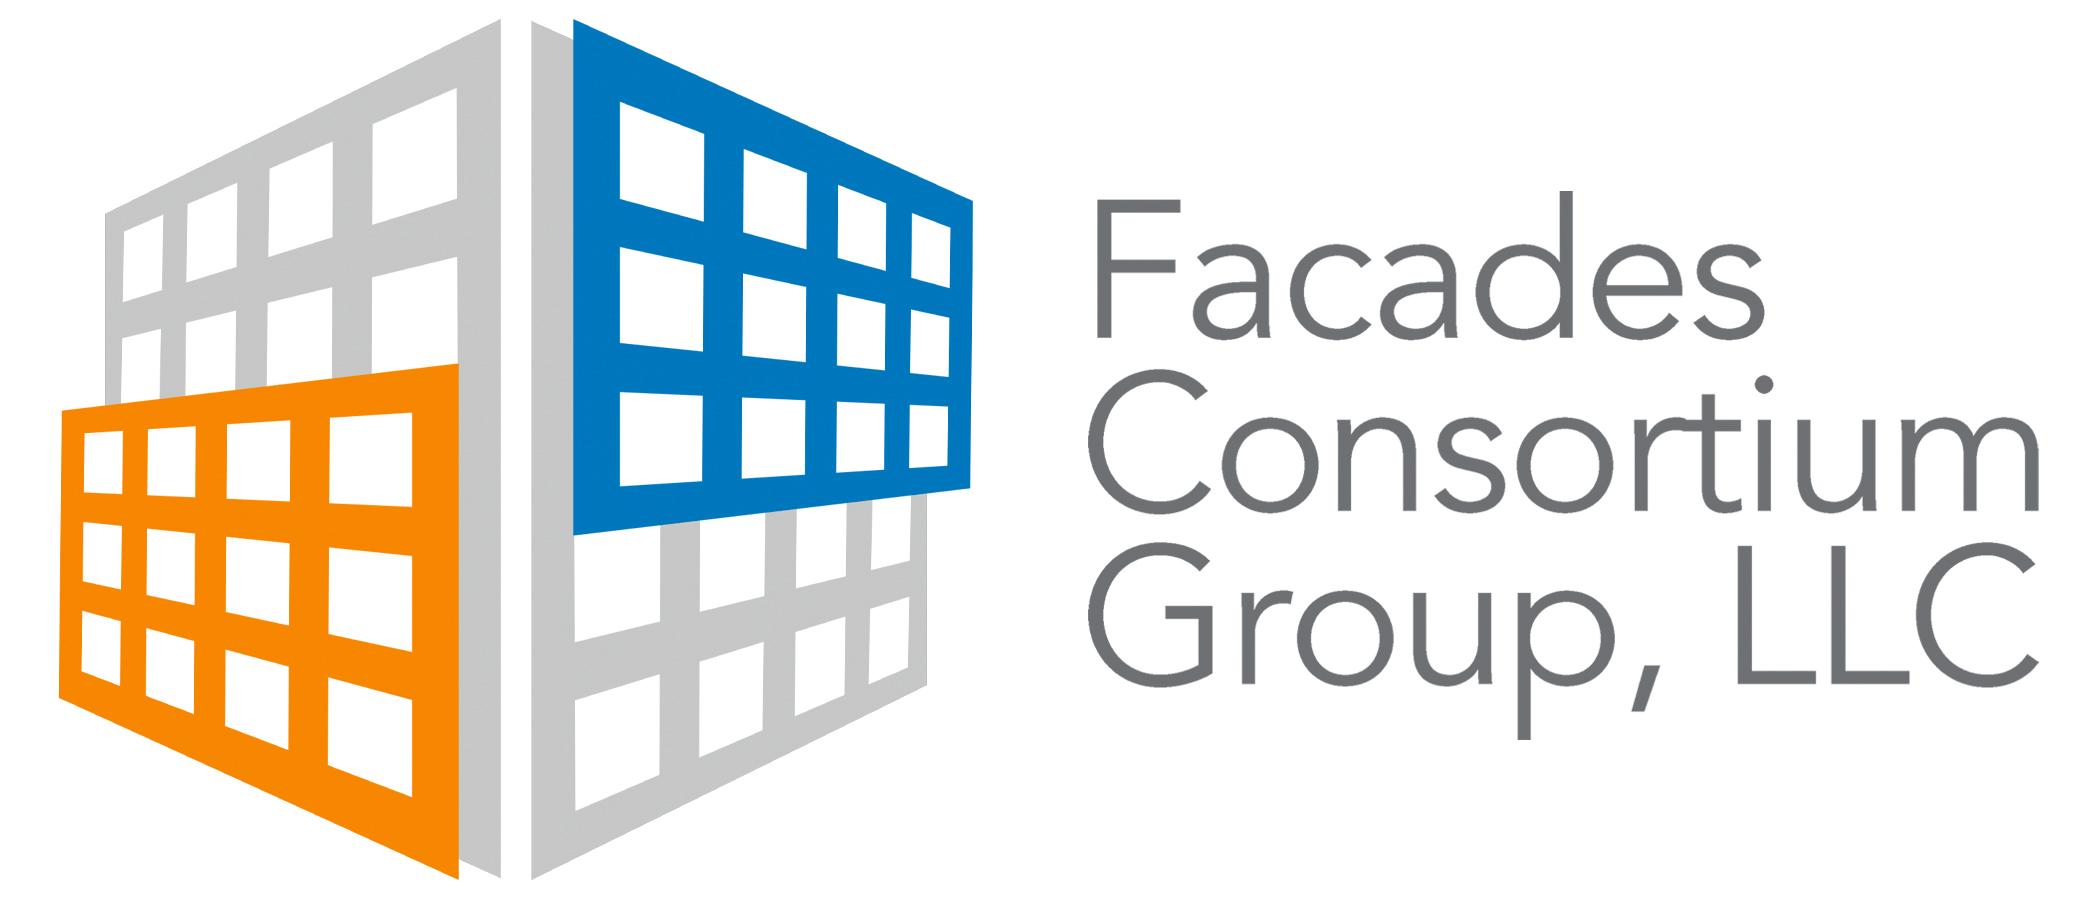 FacadesConsortiumGroupLLC_Horizontal